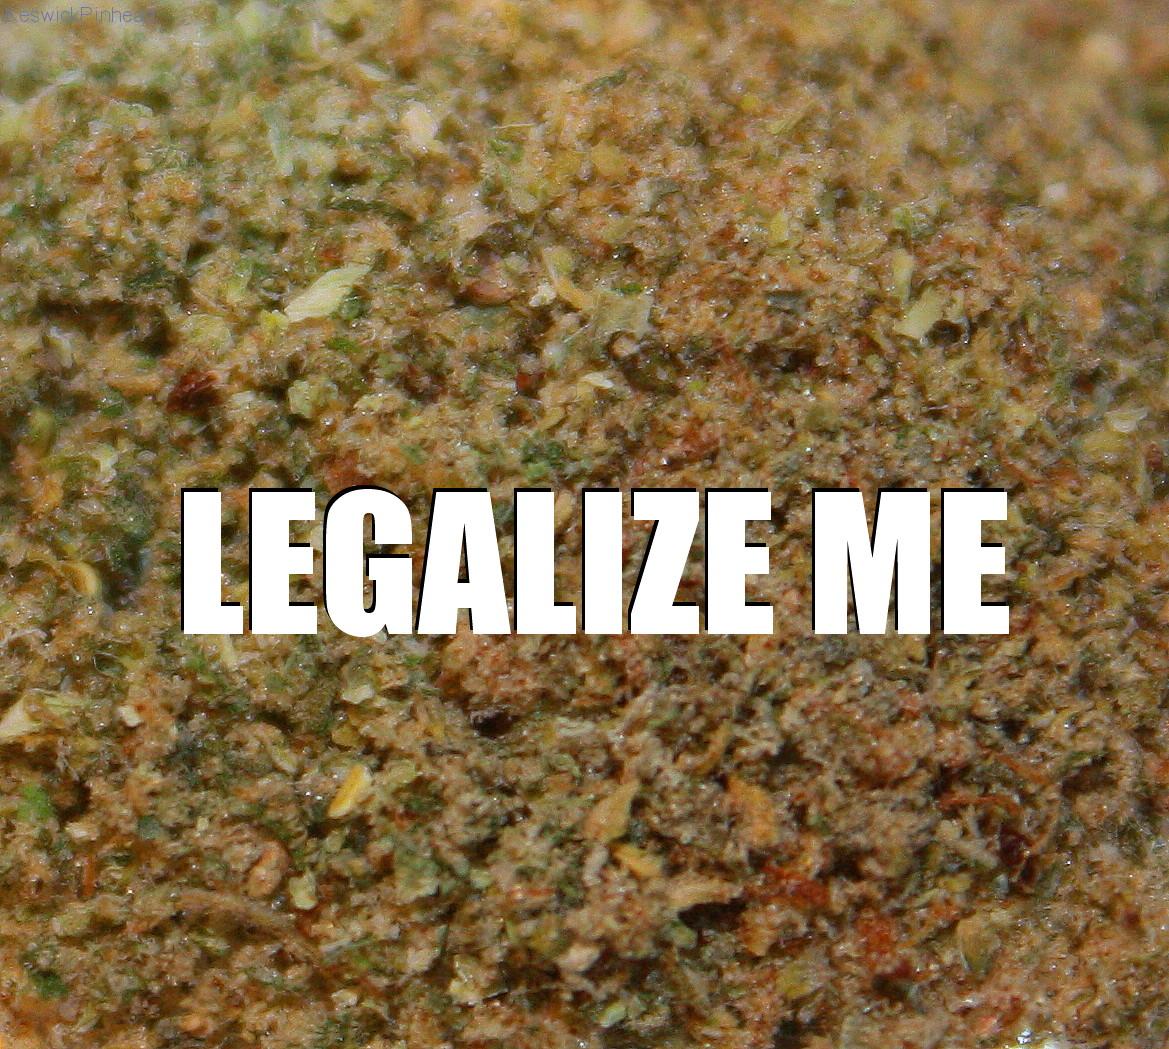 LEGALIZE ME by KeswickPinhead